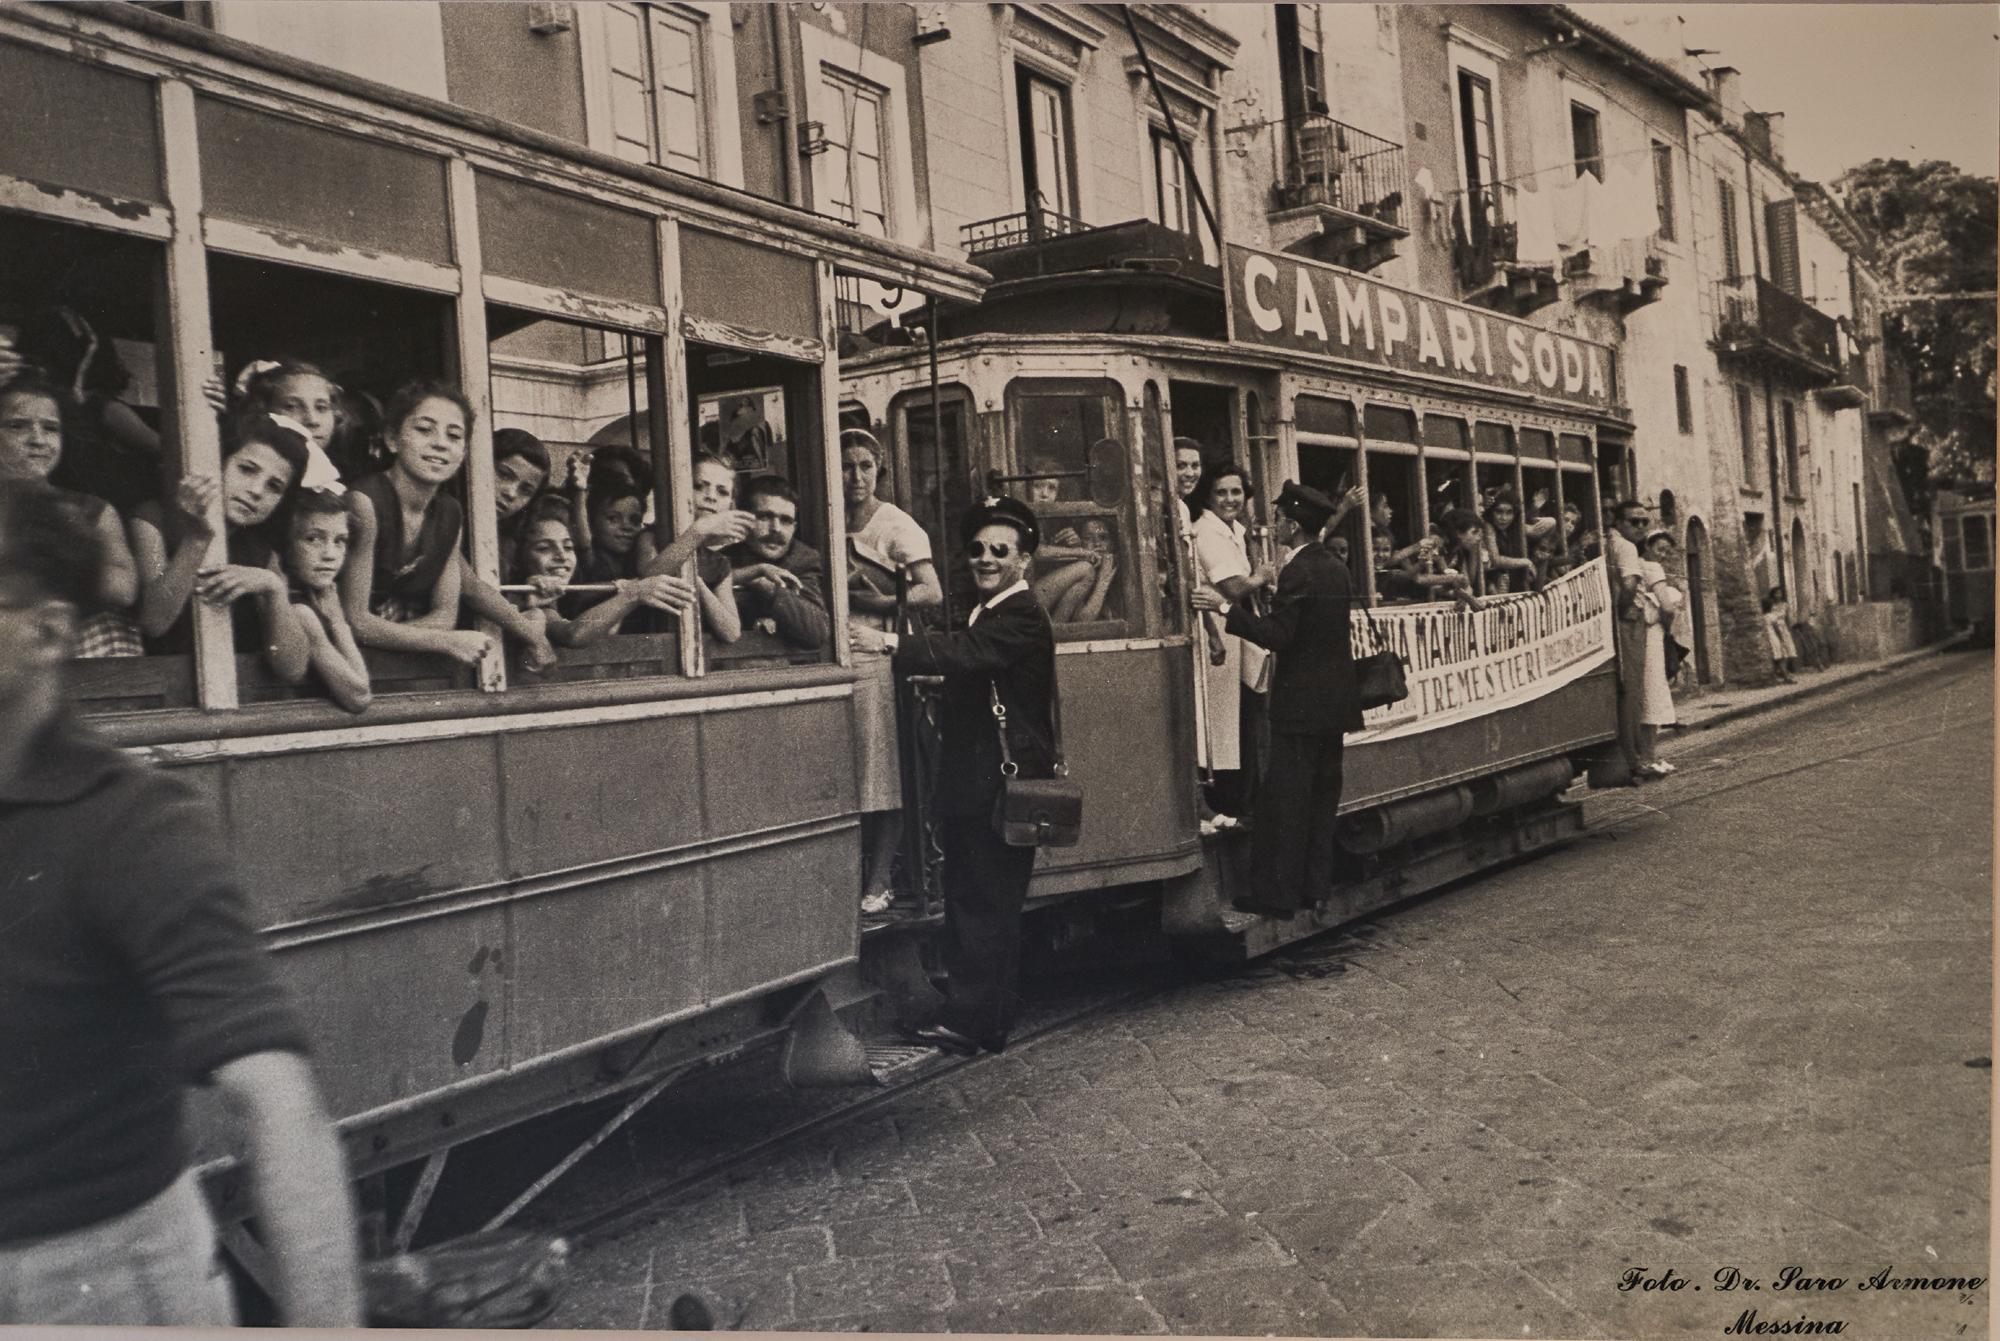 Viaggio nella storia dei trasporti pubblici cittadini